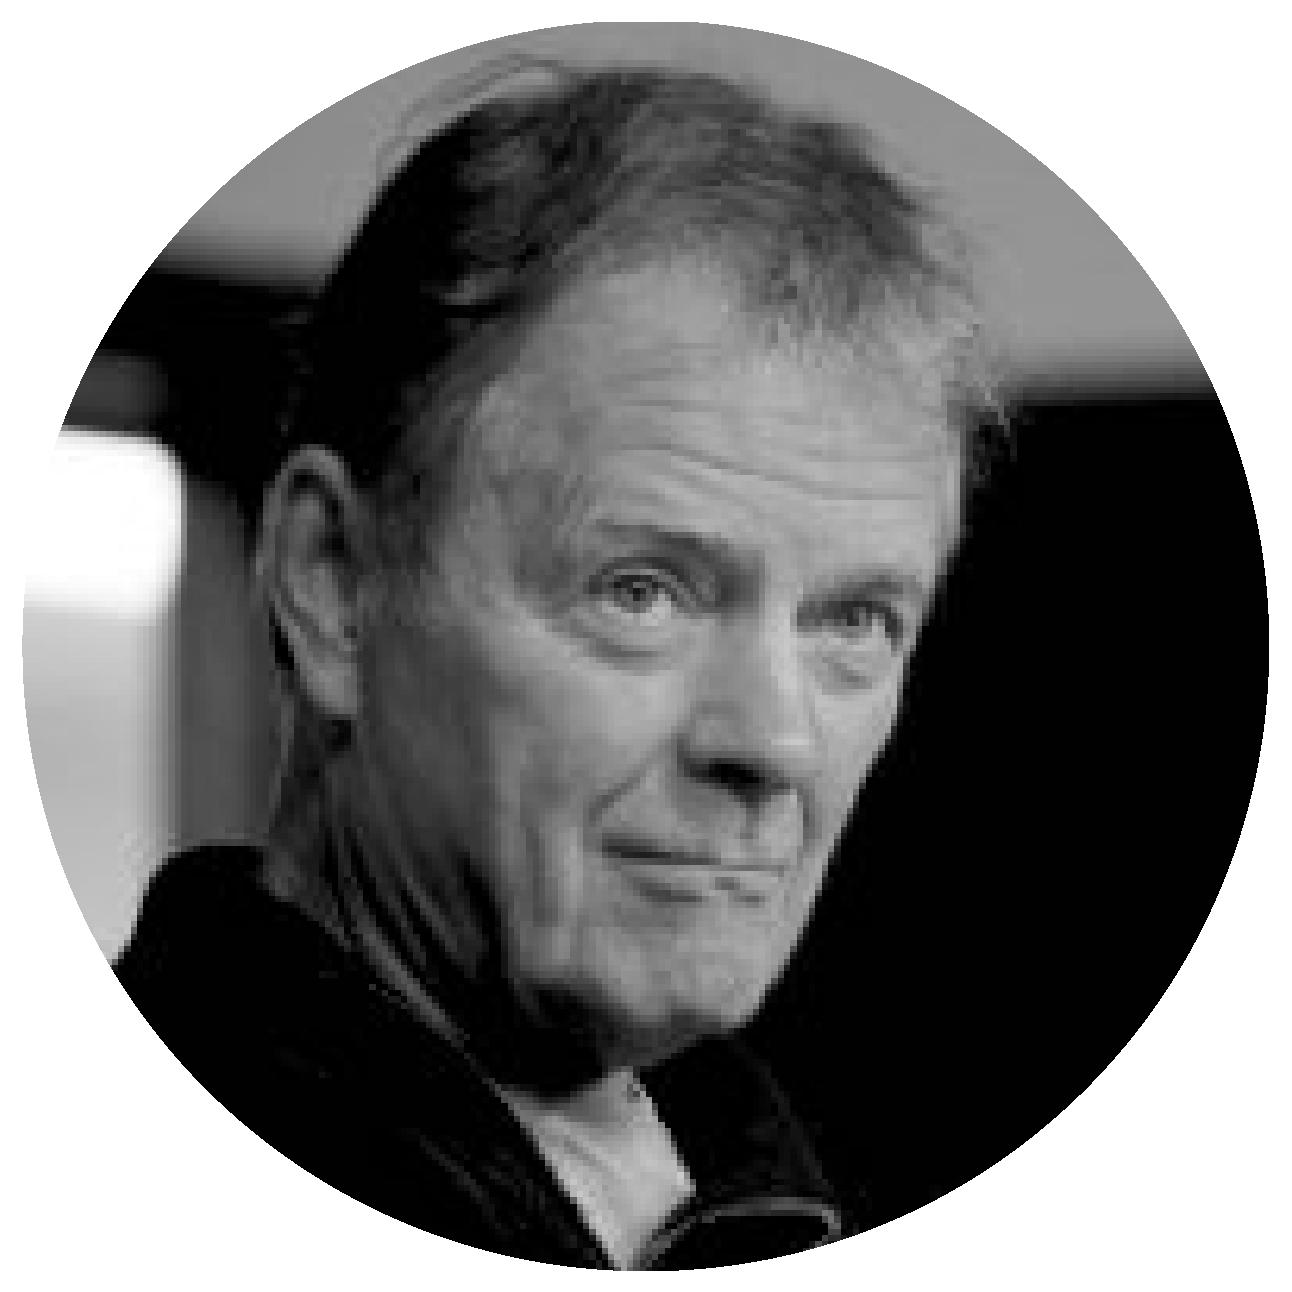 Ian Boyd   , Secrétaire    Producteur chez Terre Innue   Ian Boyd produit depuis plus de 30 ans en suivant un parcours animé par la curiosité de l'autre et une passion pour l'art, l'anthropologie, et l'histoire. Suite sa participation à Alter-Ciné et à la cofondation des Productions de l'Impatiente, il poursuit son trajet chez le distributeur international Films Transit avant de participer à plusieurs projets de fiction aux Films Vision 4.  La fondation des Films de l'Isle en 1997 marque le début d'une collection de documentaires et de longs-métrages de fiction, dont plusieurs coproductions internationales. Parmi ces nombreux collaborateurs on compte notamment Bertrand Carrière, Carlos Ferrand, Magnus Isacsson, Rodrigue Jean, Ian Lagarde, Charles Najman, Lea Pool, Yves Sioui-Durand et Tim Southam, dont les films ont tous été sélectionnés et primés dans de nombreux festivals.  En 2010, Ian Boyd s'associe avec Réginald Vollant pour la production du long-métrage  Mesnak . De cette collaboration est née une amitié et les débuts de Terre Innue.